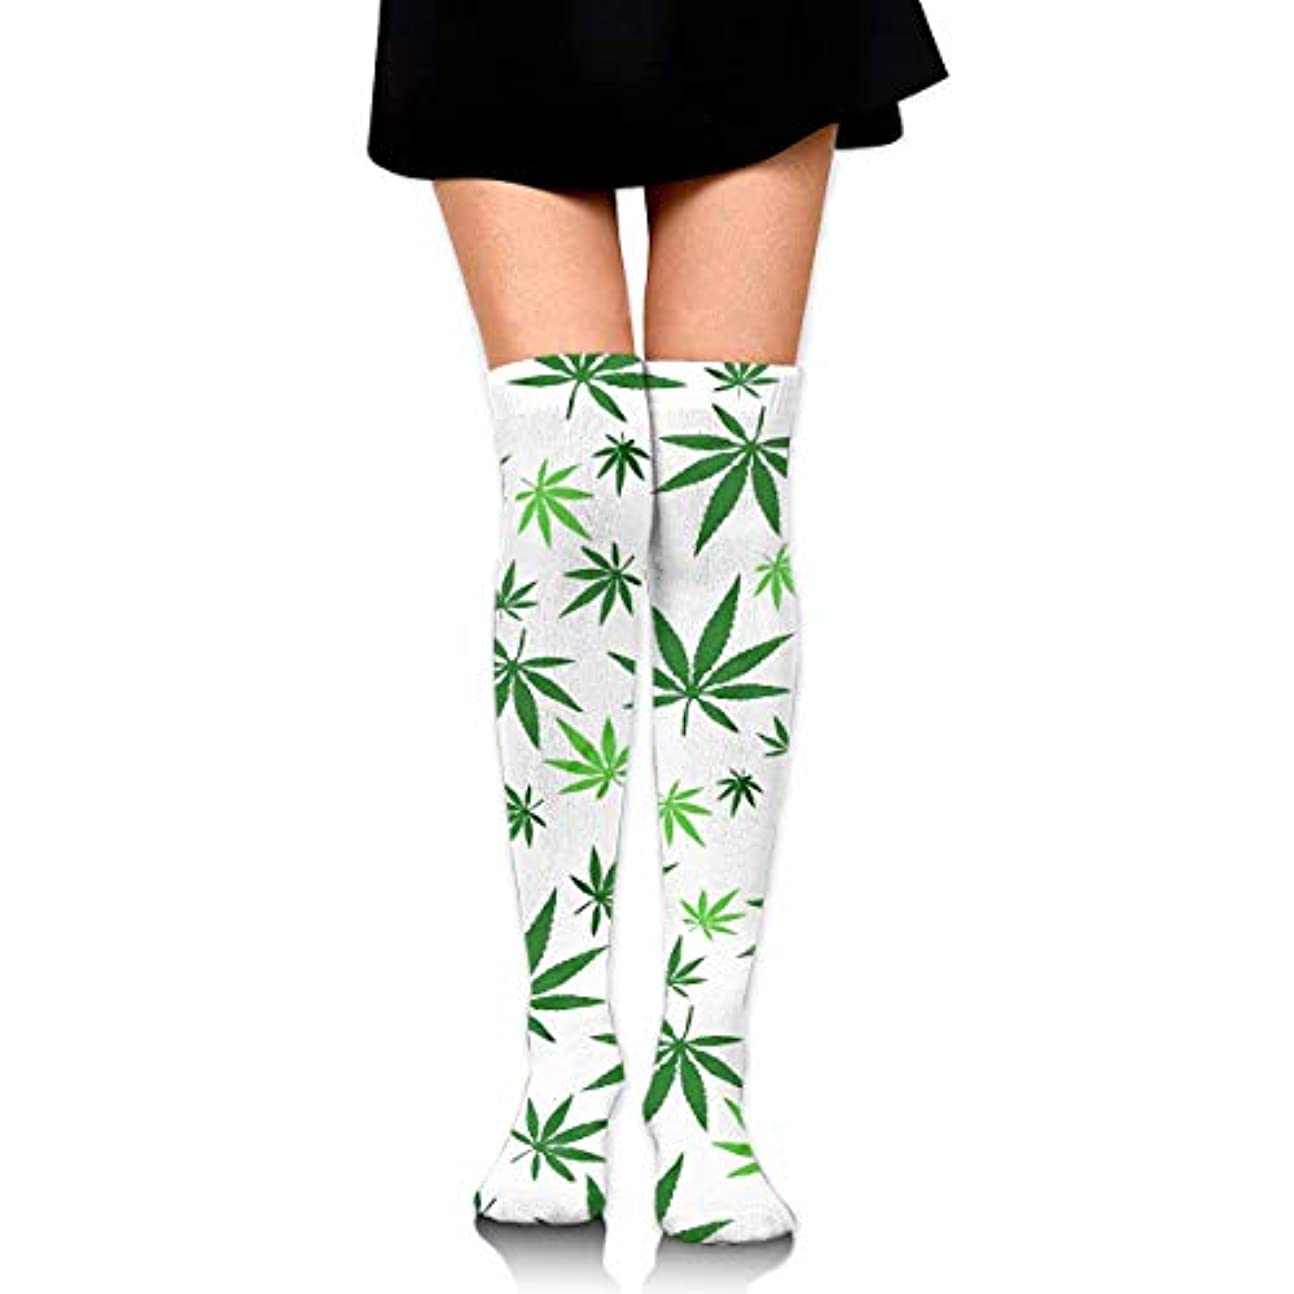 司法四回検査MKLOS 通気性 圧縮ソックス Breathable Thigh High Socks Over Exotic Psychedelic Print Compression High Tube Thigh Boot Stockings...